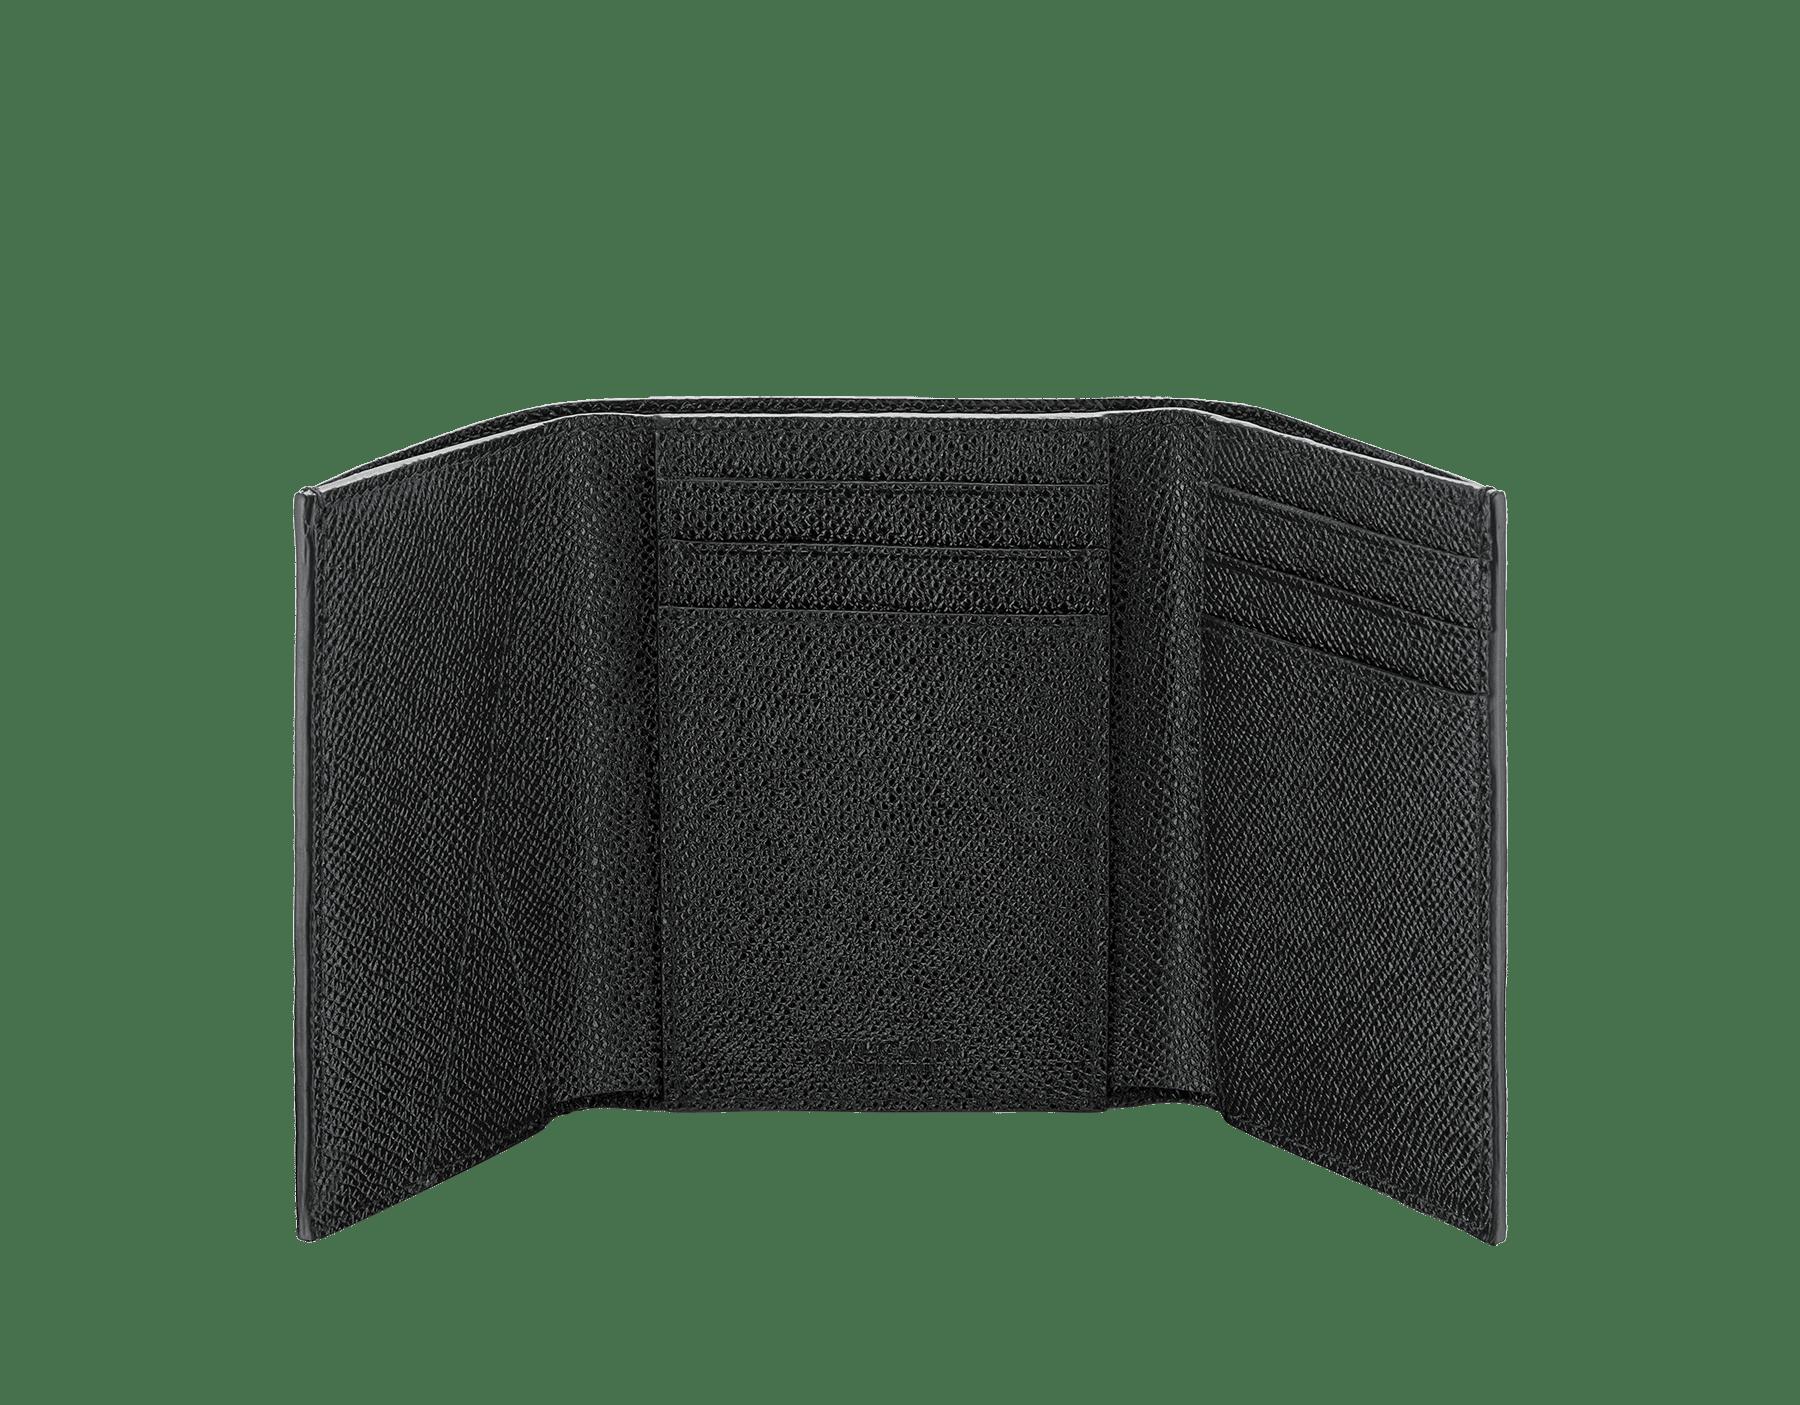 불가리 불가리 남성용 지갑. 에메랄드 그린/블랙 컬러의 컬러의 그레인 카프 레더 소재. 황동 팔라듐이 도금된 아이코닉 로고 클립 잠금장치. BCM-YENCOMPACT image 2